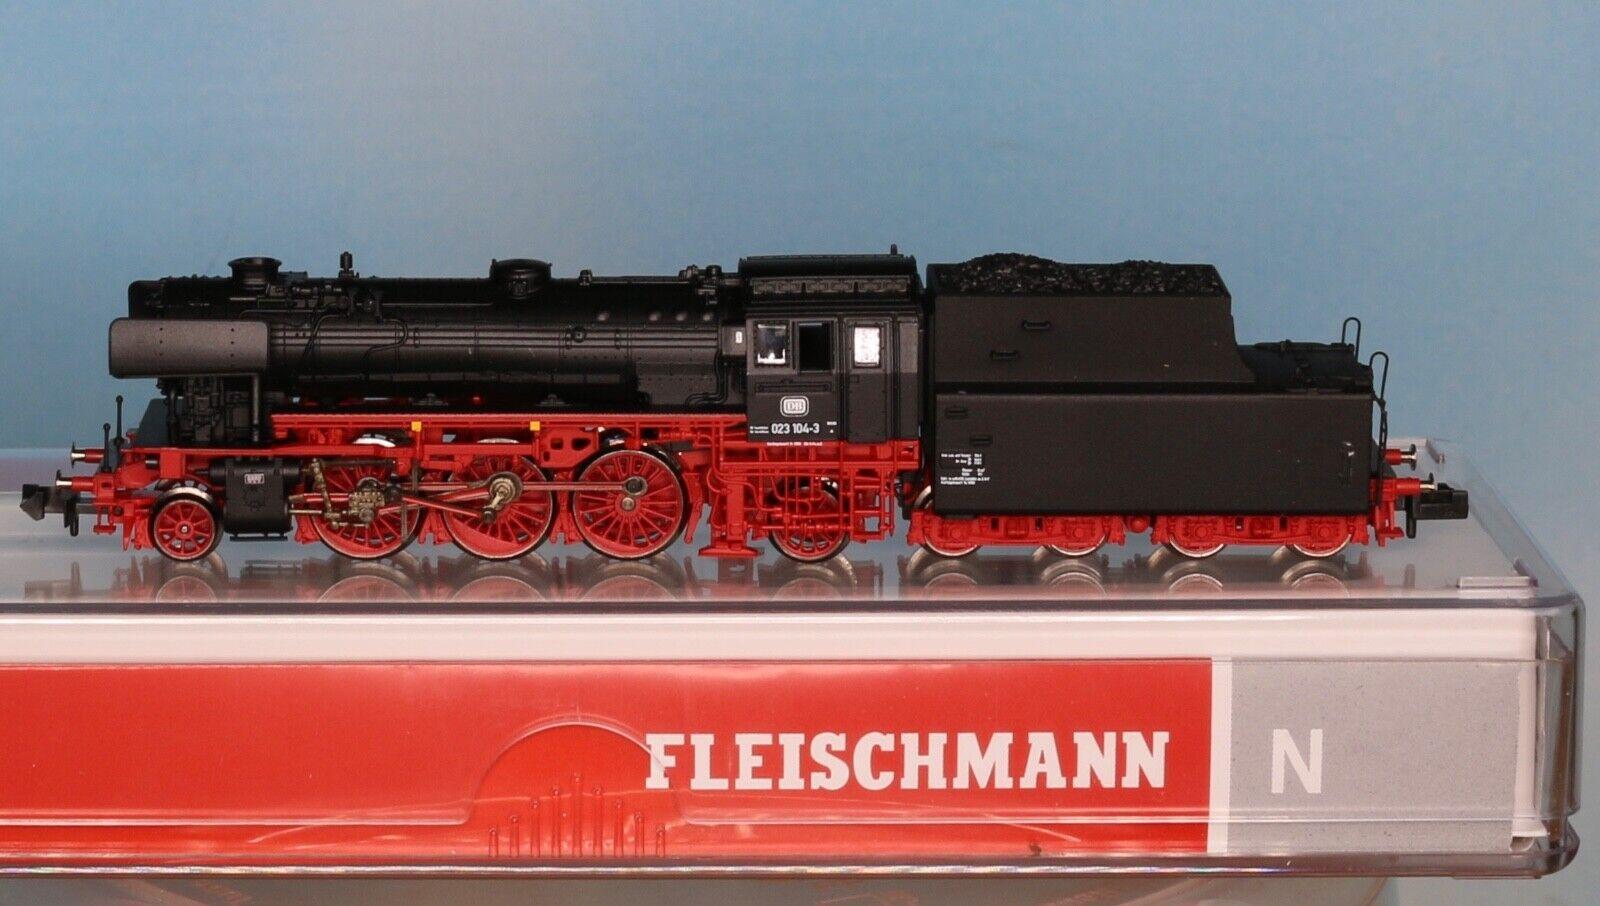 Fleischmann 712304, pista N, DB vapor-Lok br 023 104-3, época 4